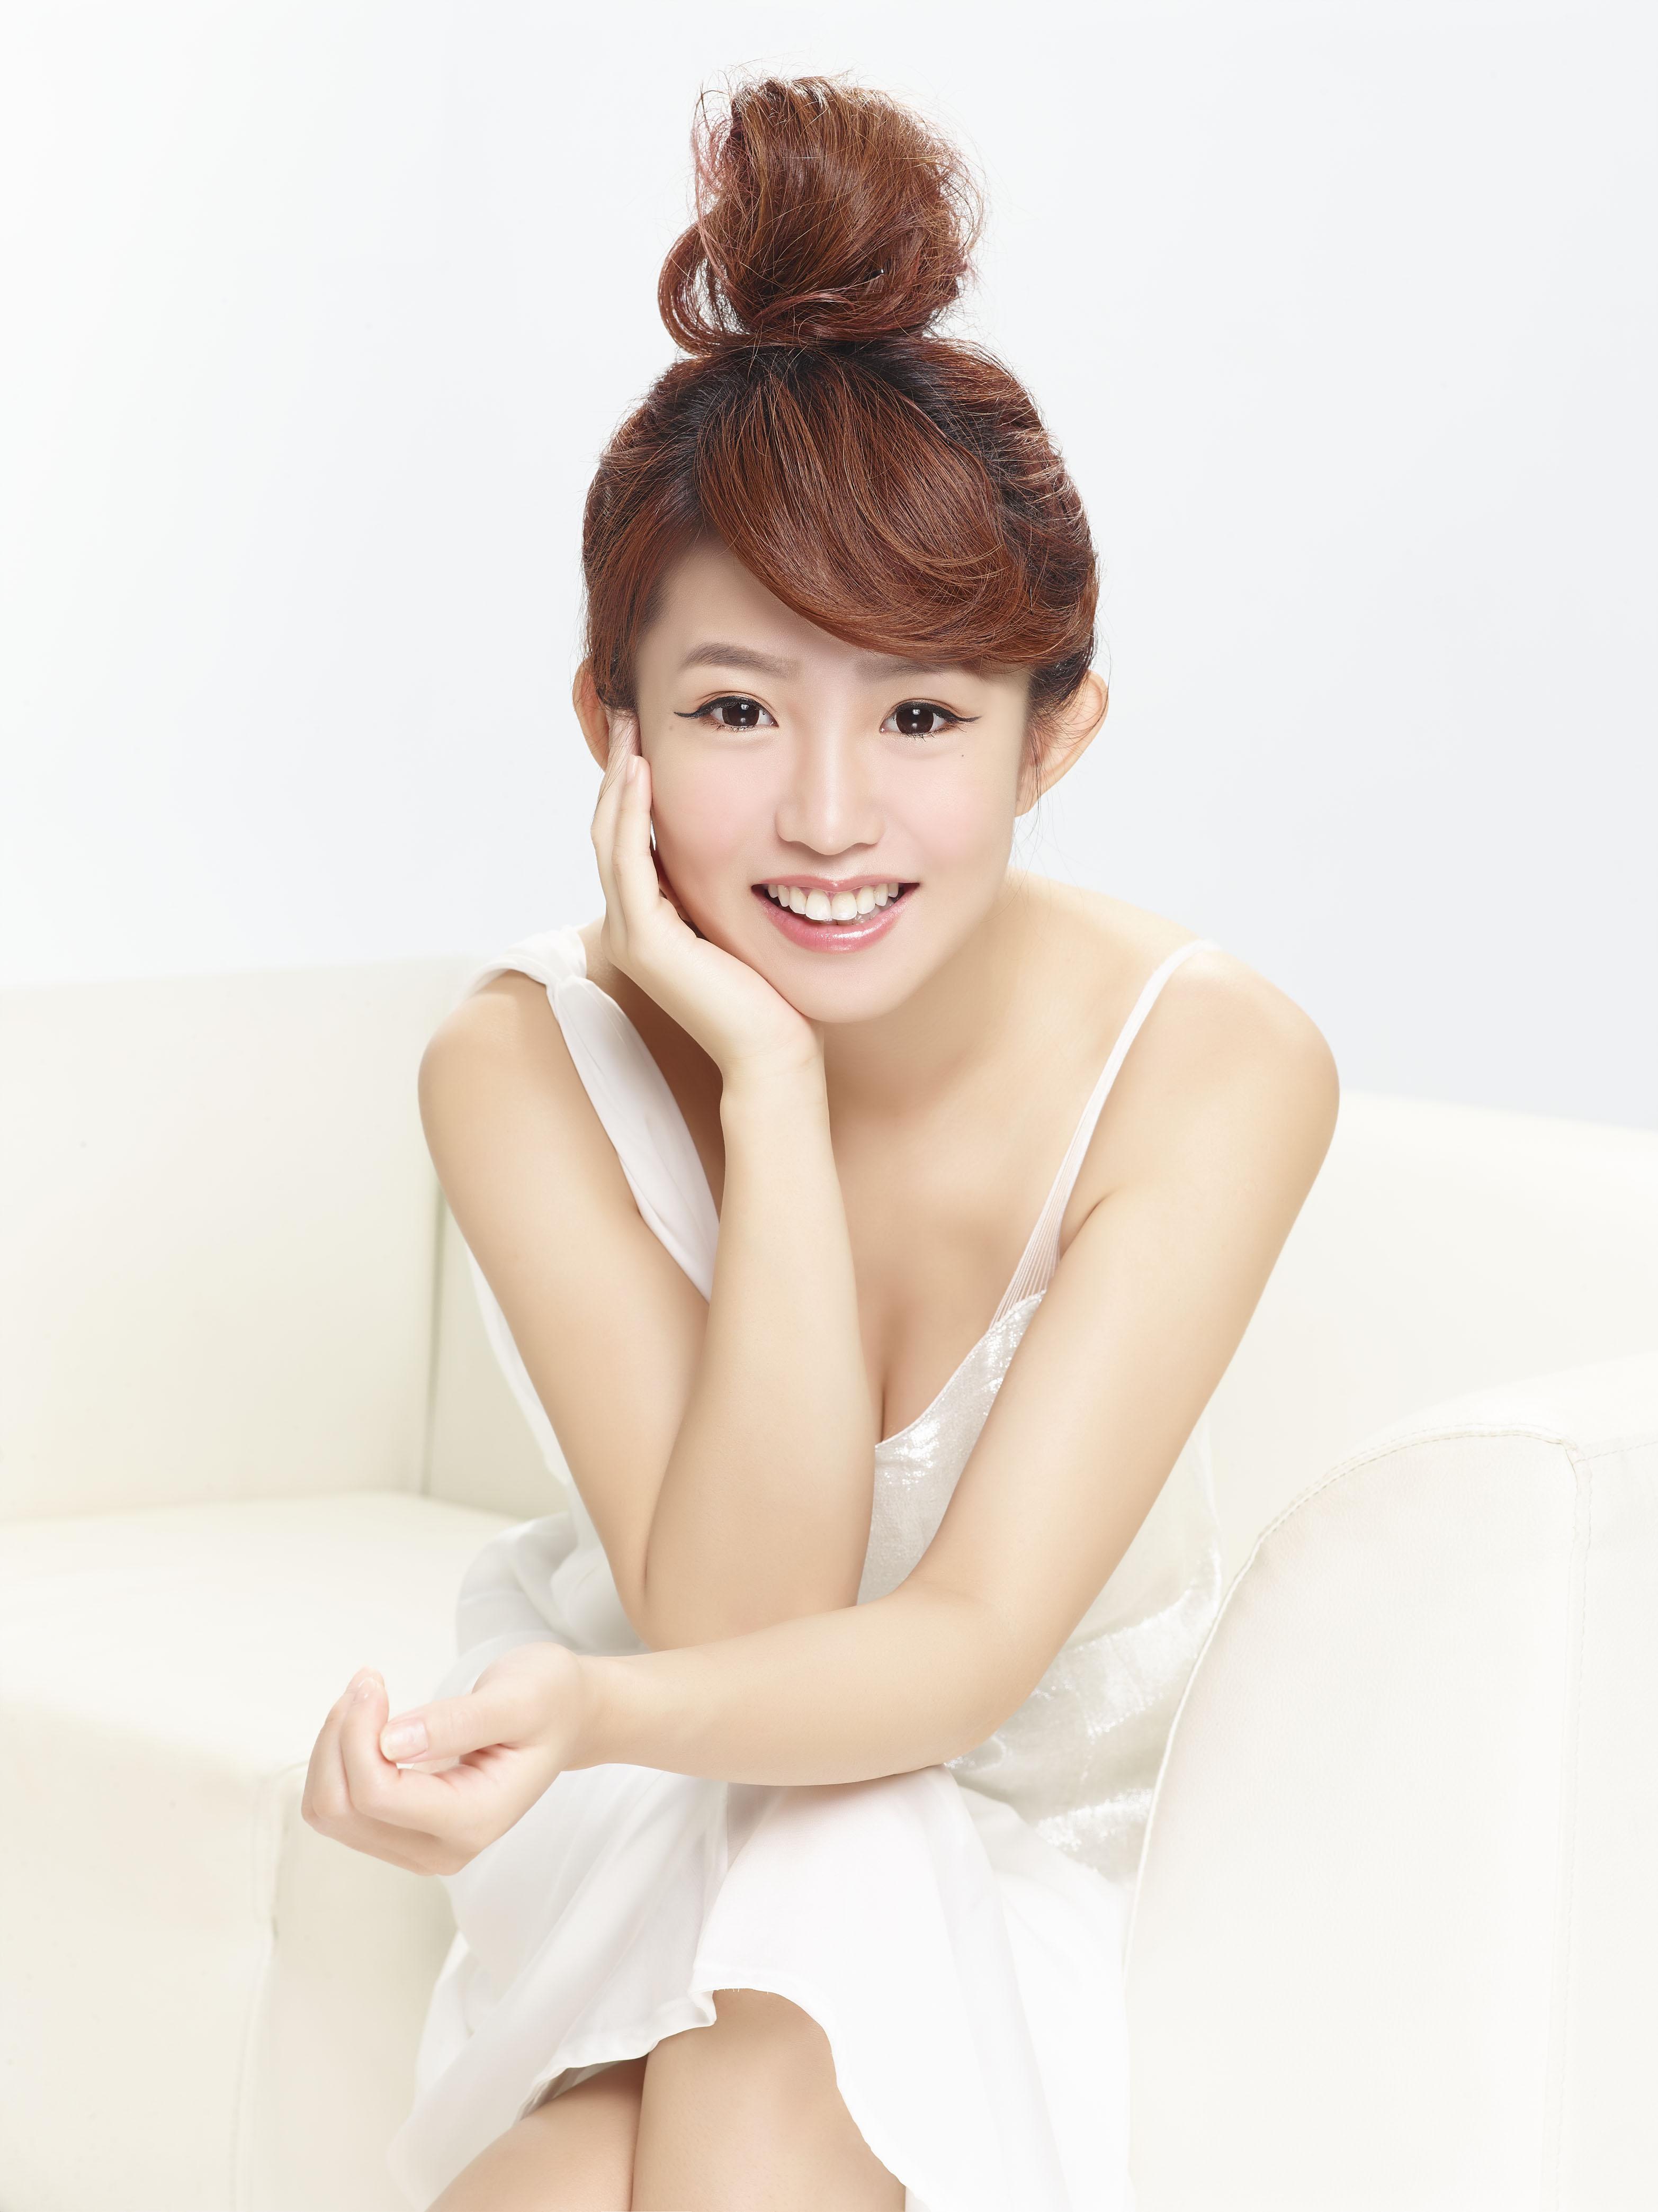 Kuo Shu-yao